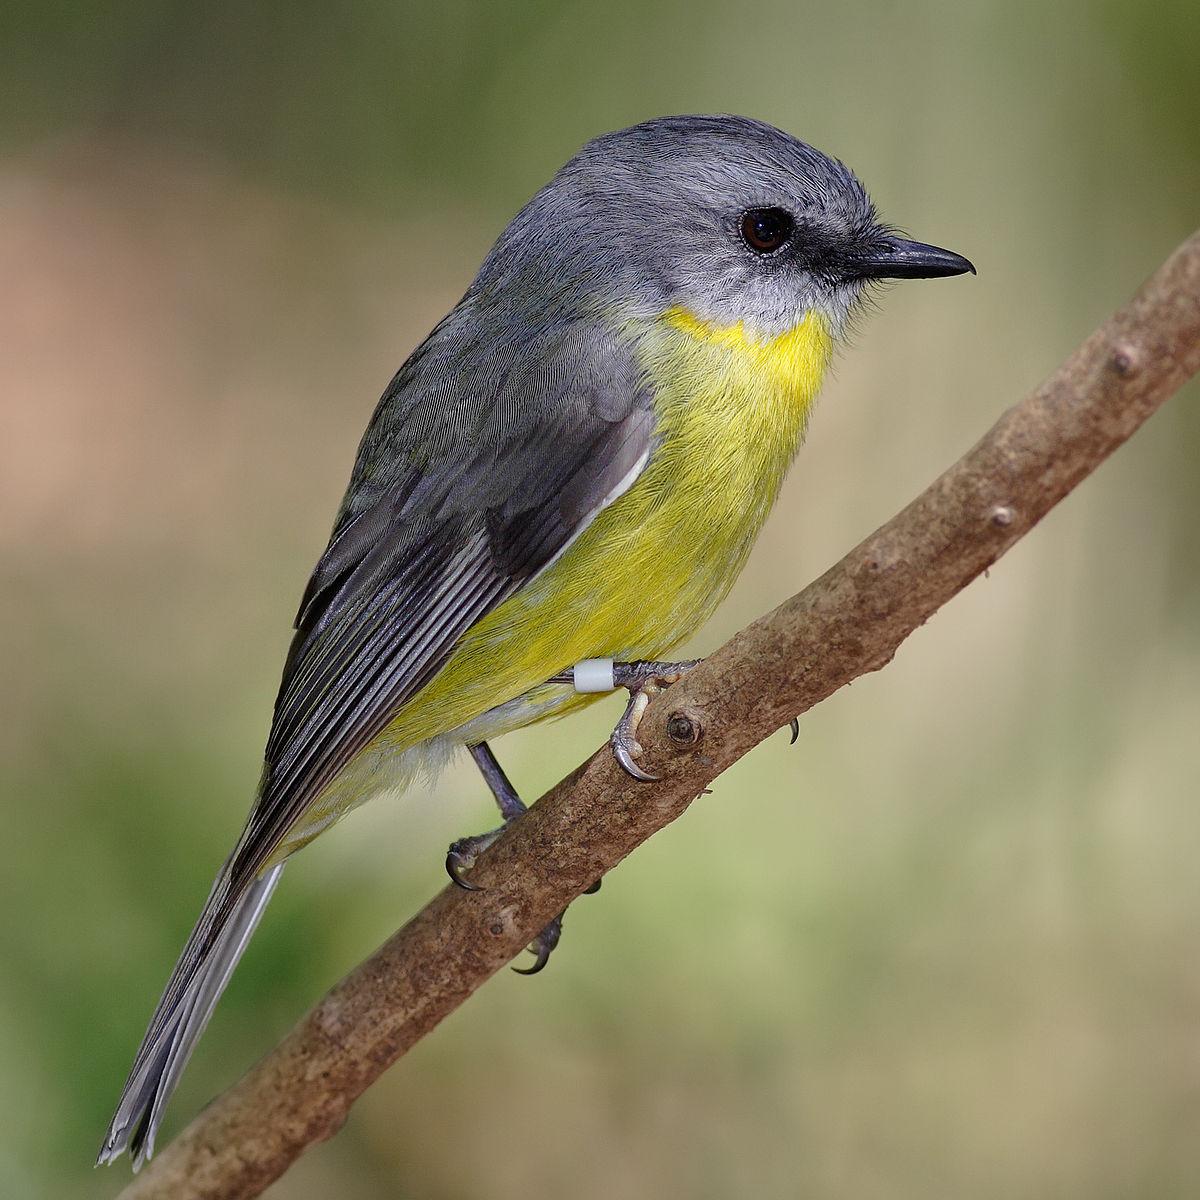 بالصور اجمل طيور العالم , اروع طيور ستراه في حياتك 775 12